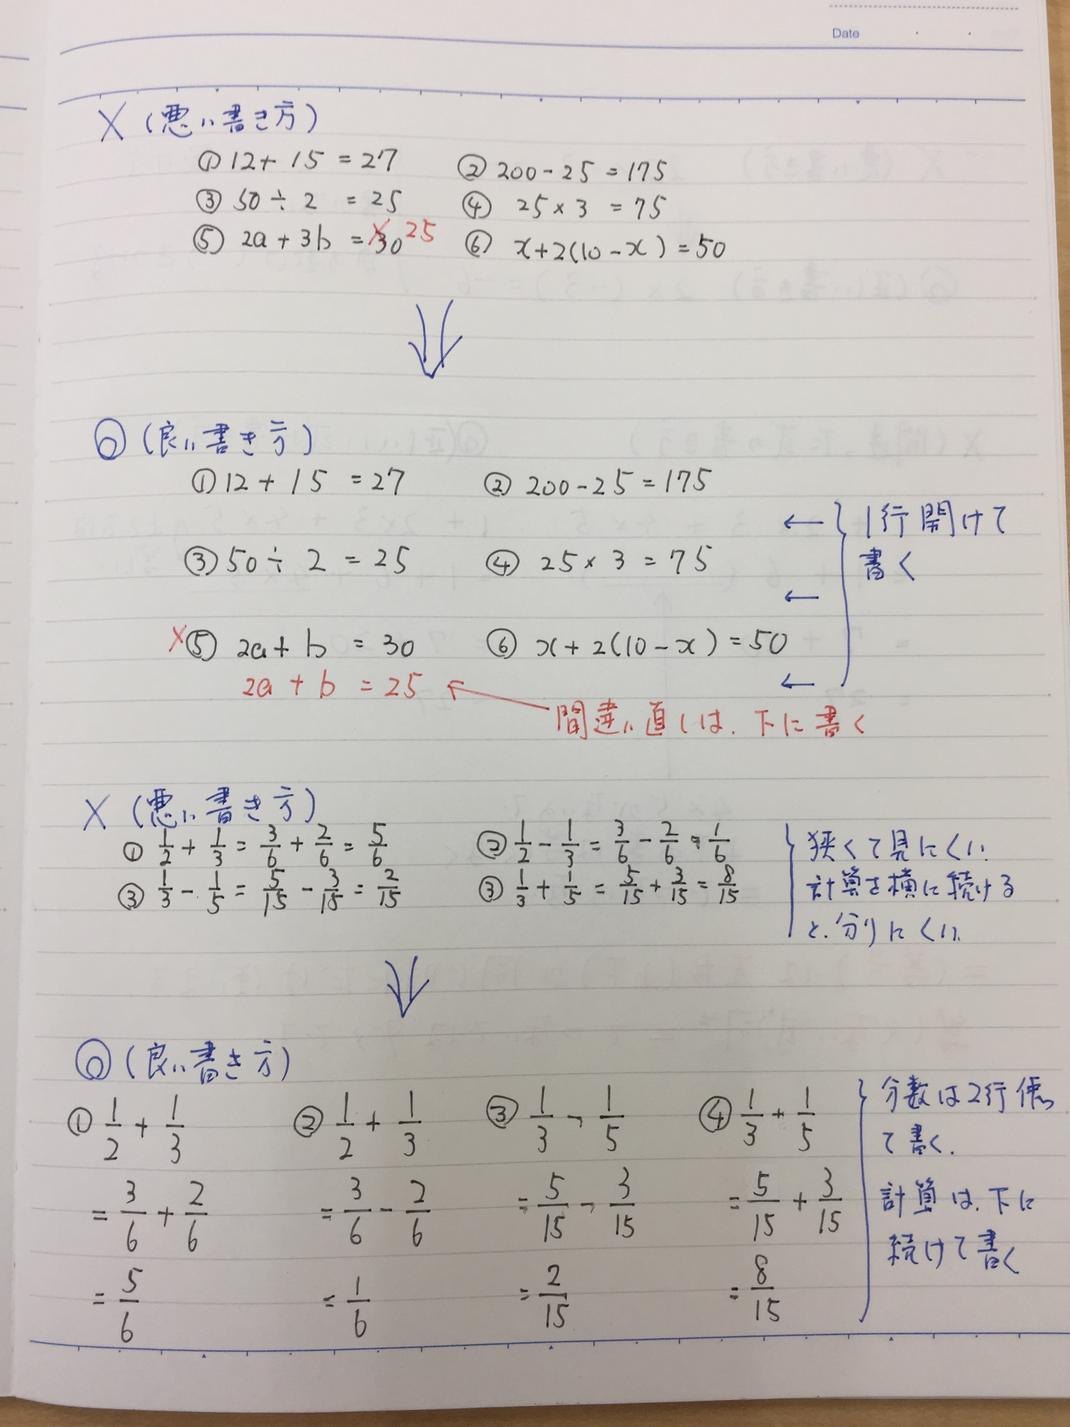 数学 勉強 法 読む だけ